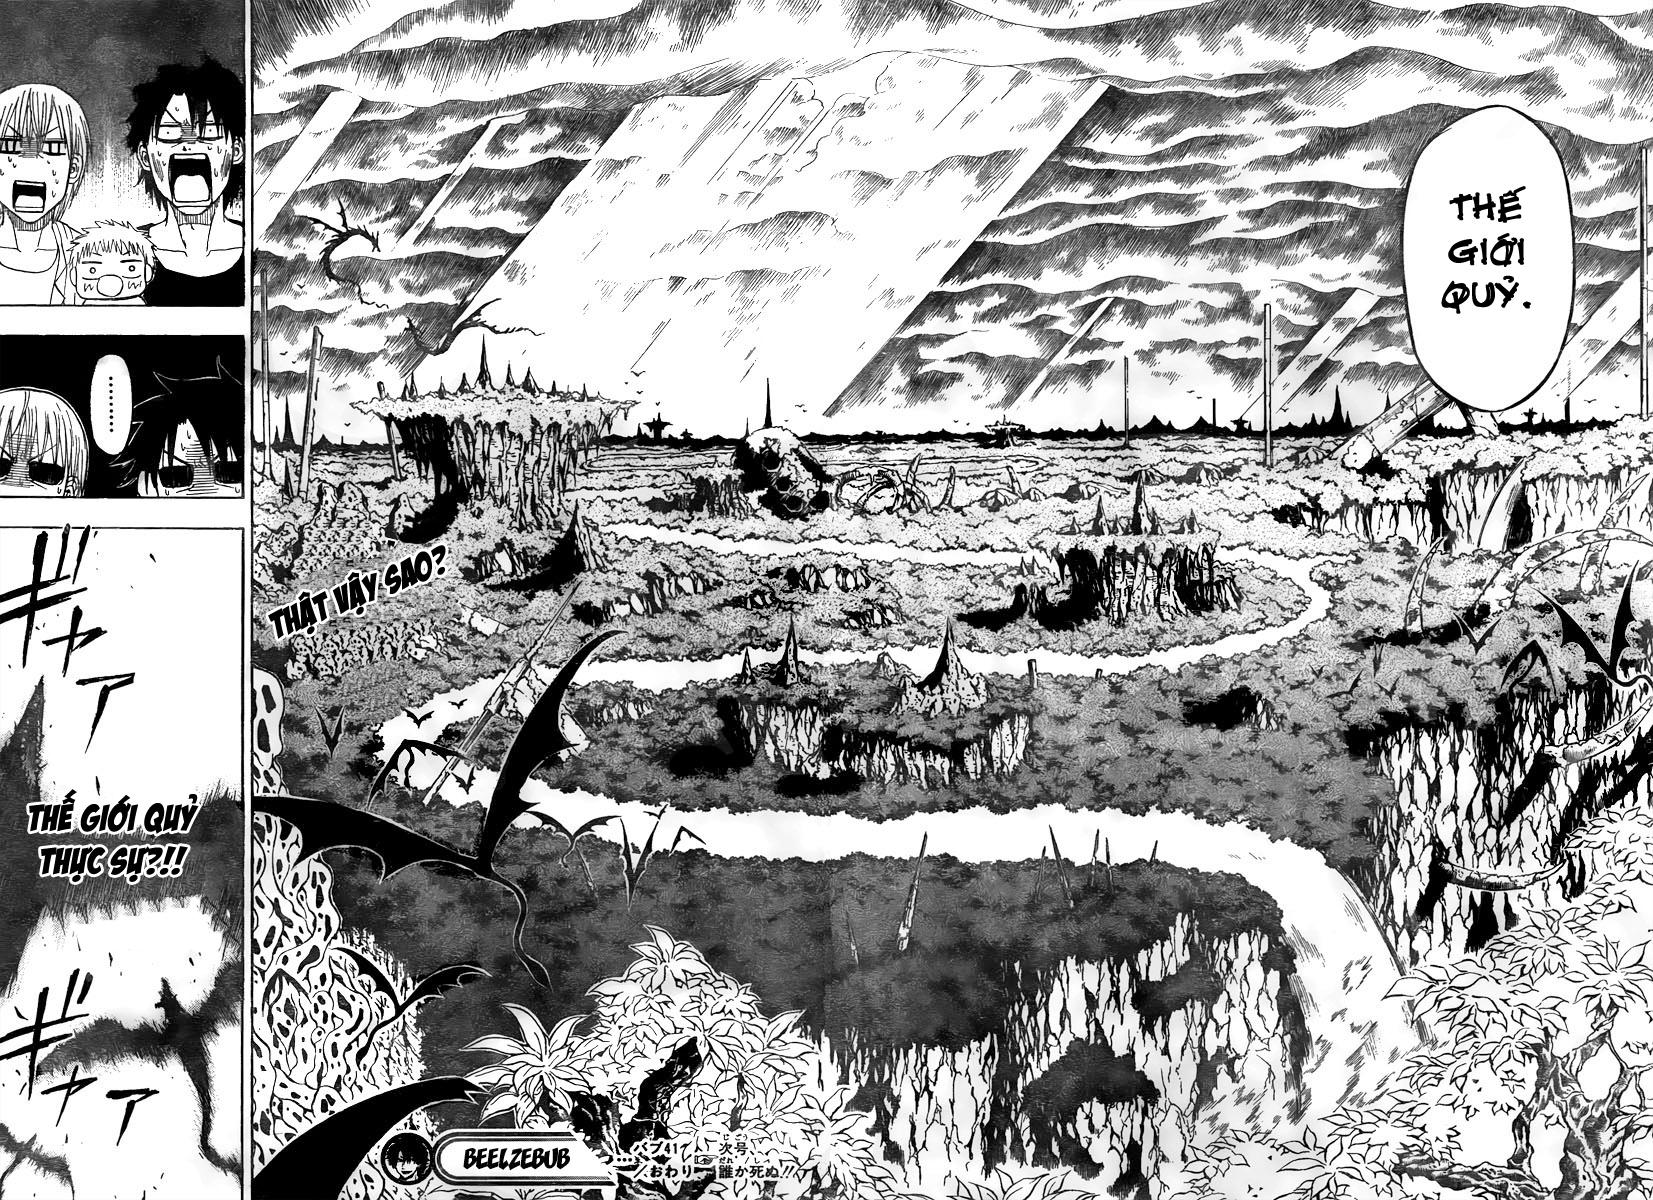 Vua Quỷ - Beelzebub tap 41 - 18